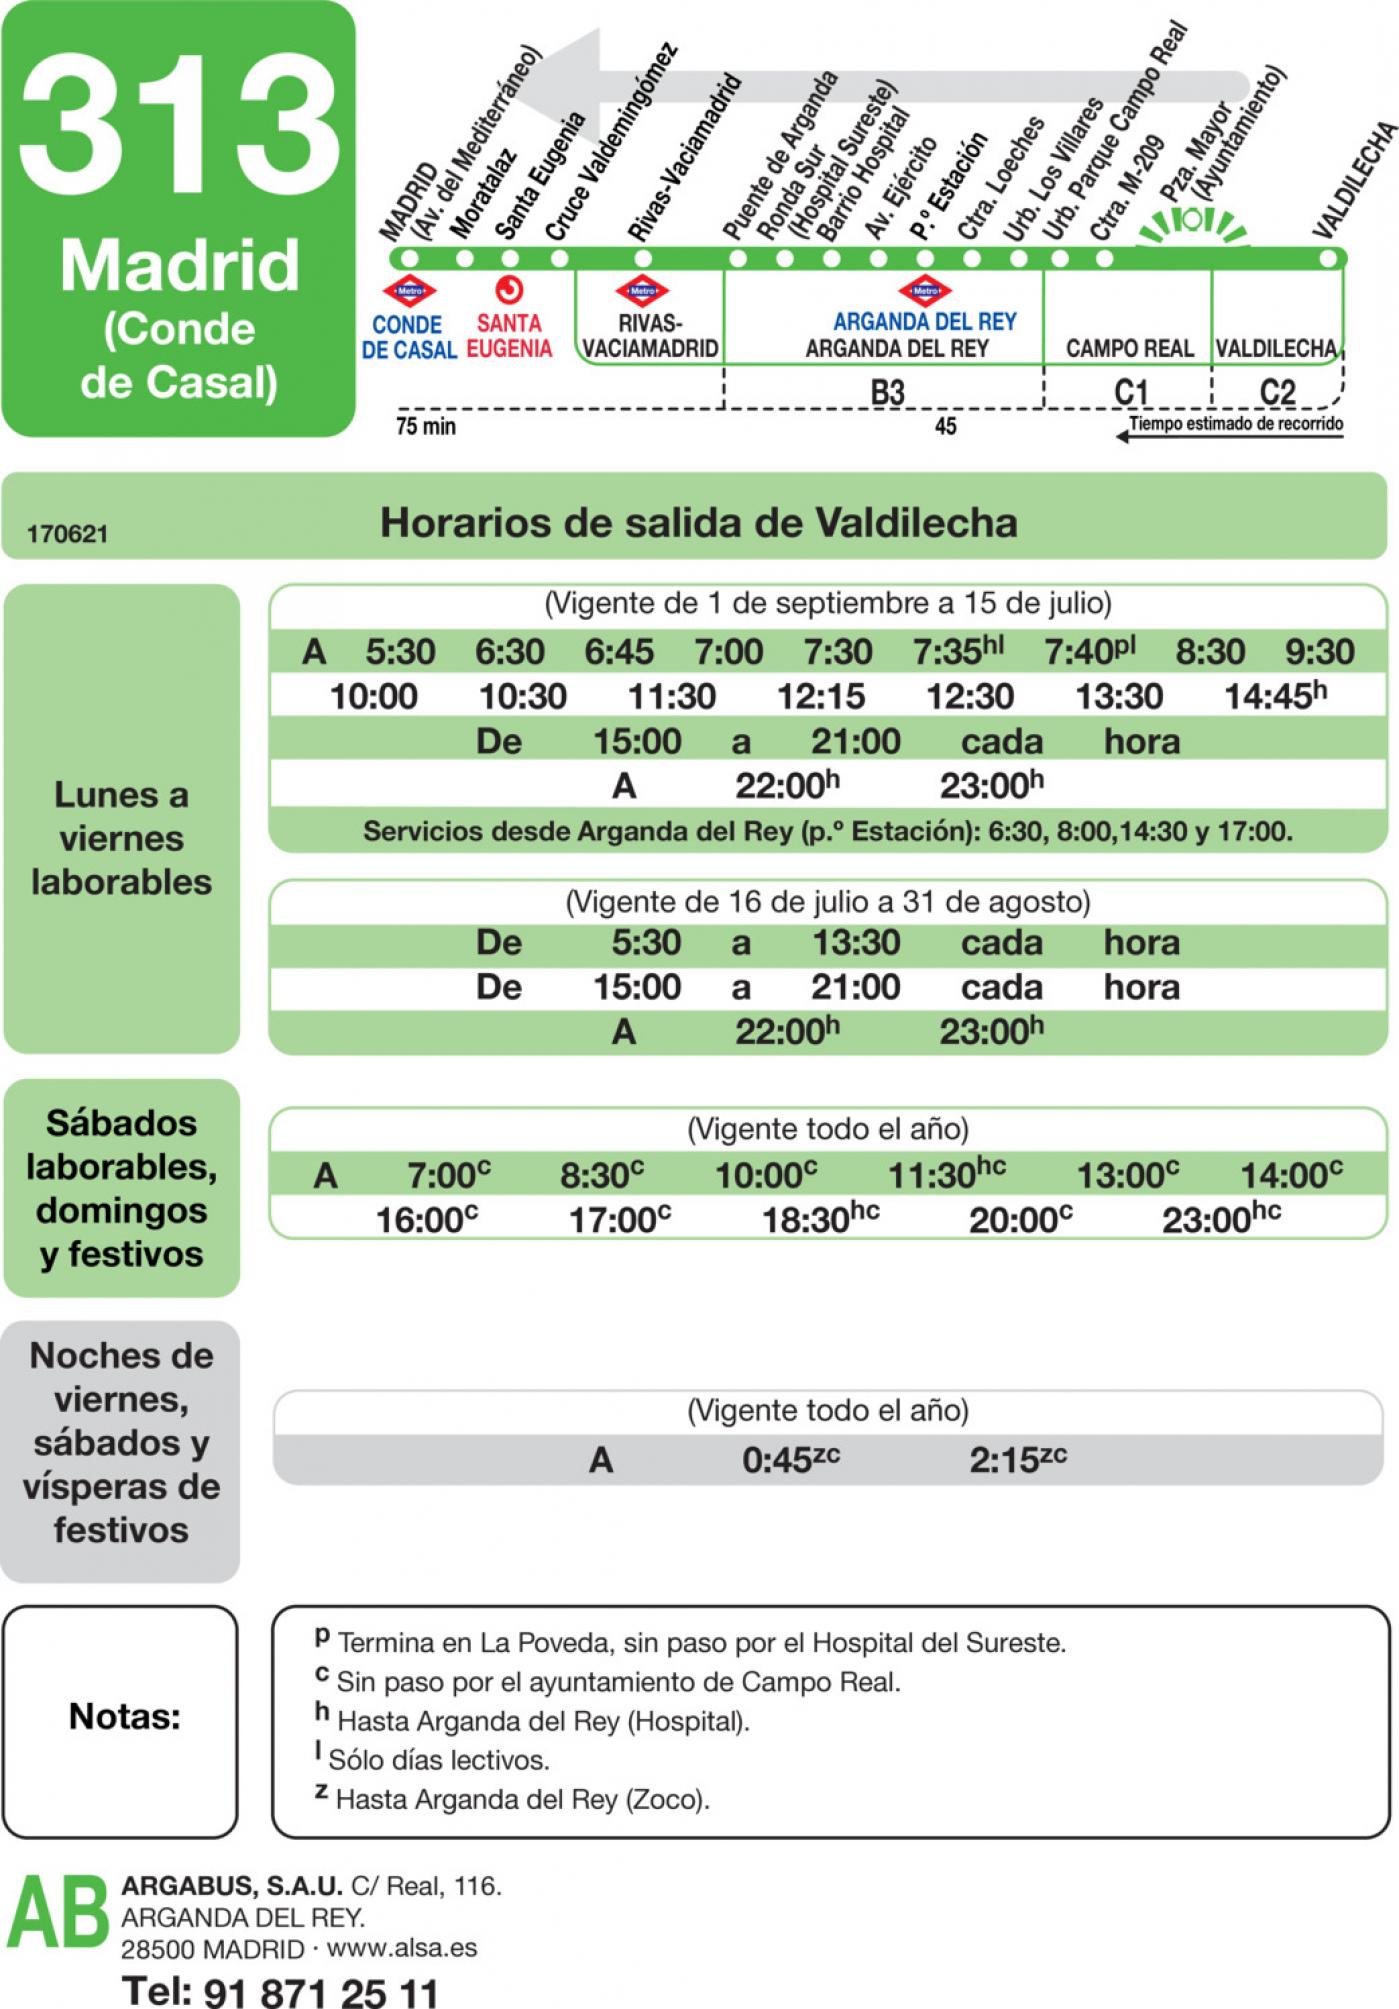 Tabla de horarios y frecuencias de paso en sentido vuelta Línea 313: Madrid (Conde Casal) - Valdilecha